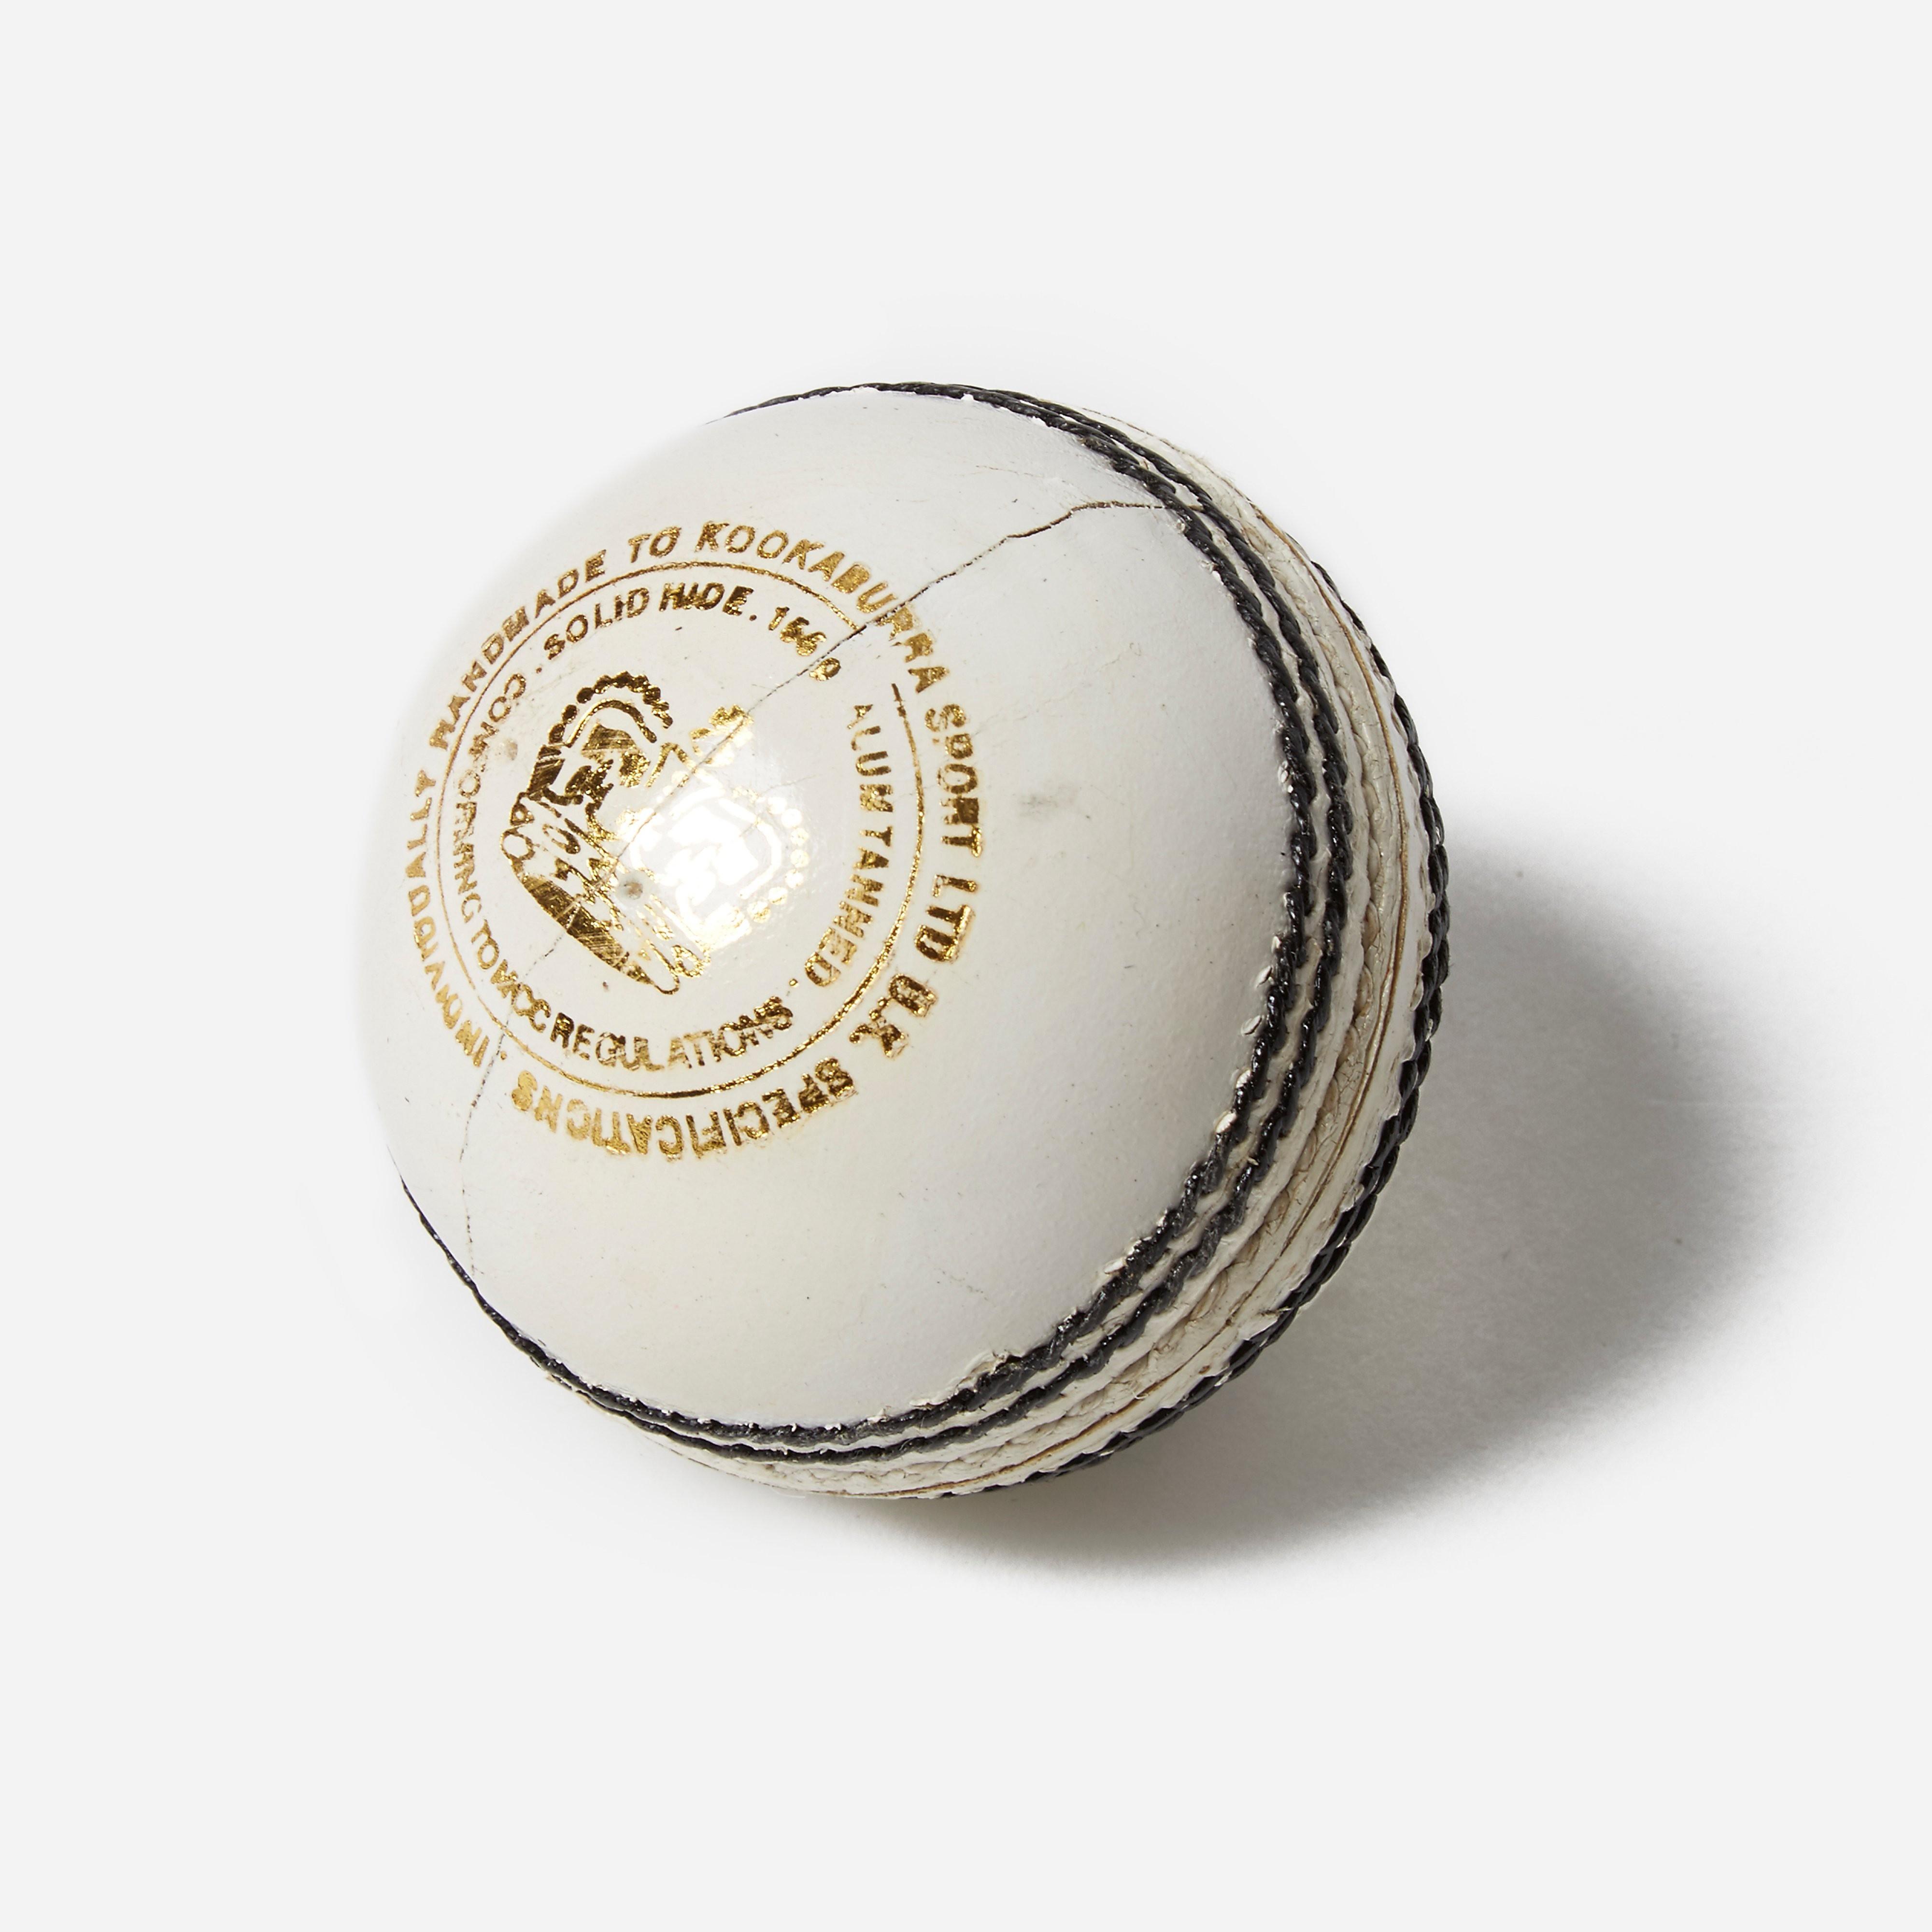 Kookaburra County Match Cricket Ball